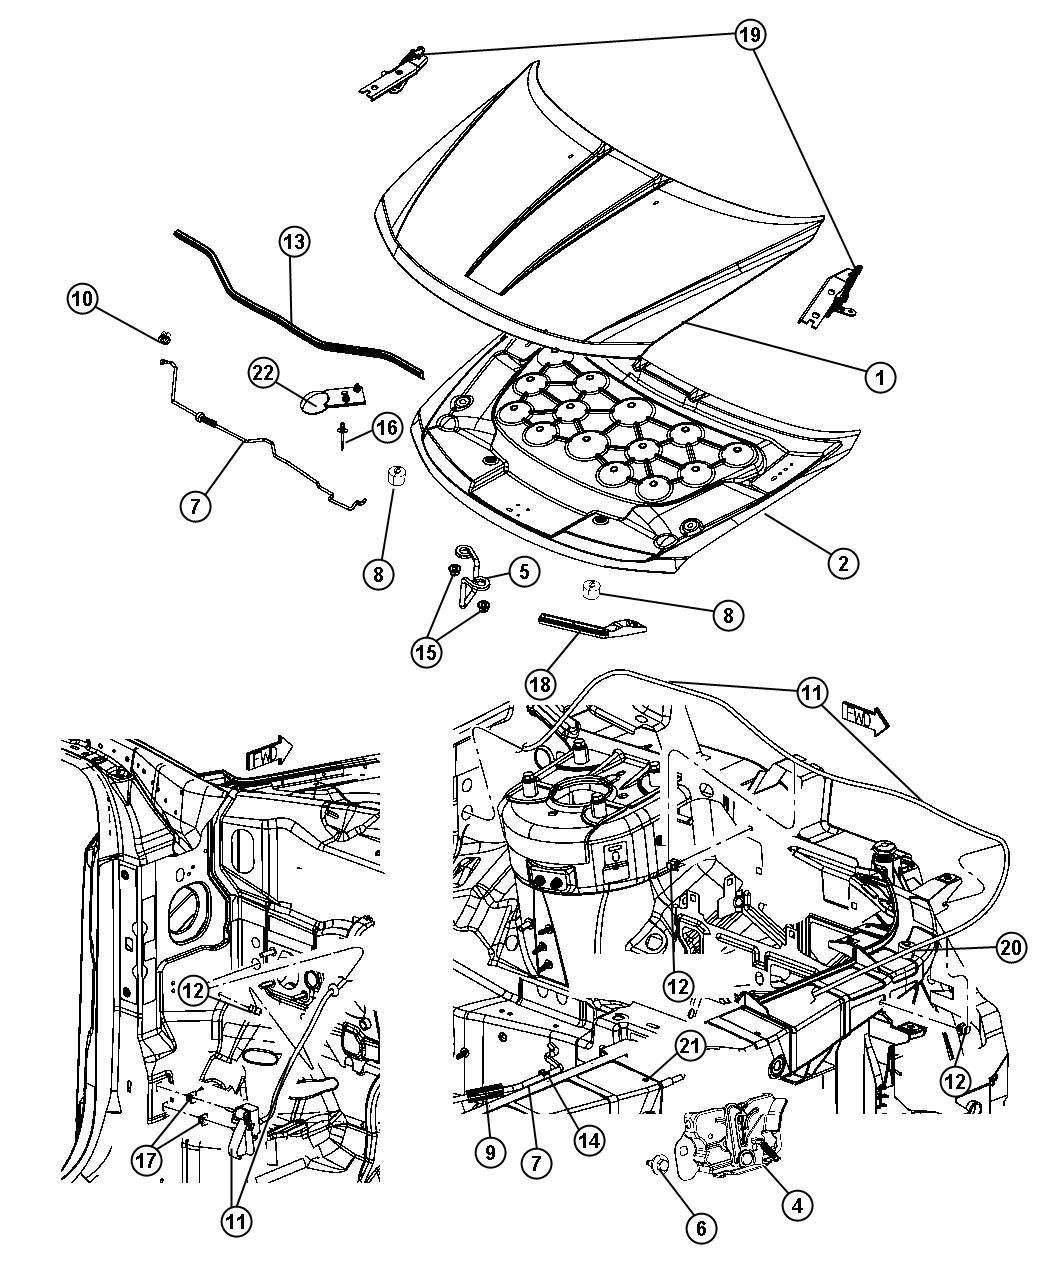 Ford Flex Fuse Box Location Ford Auto Fuse Box Diagram